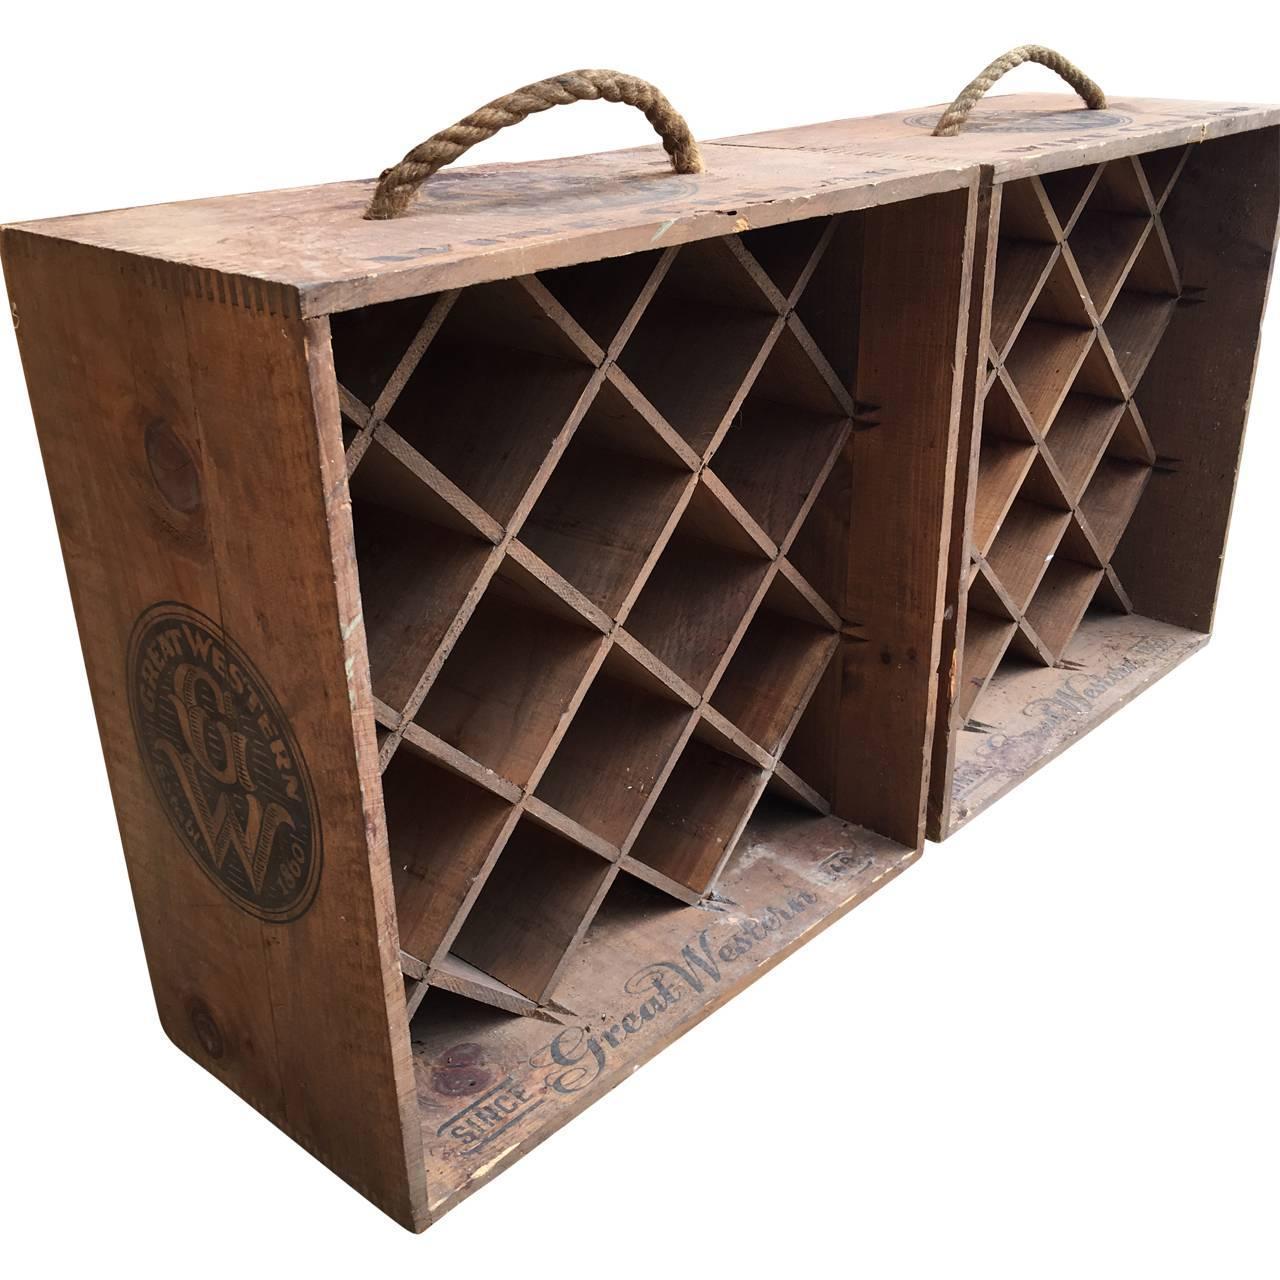 Pair Of Original Vintage Wine Racks For Sale At 1stdibs